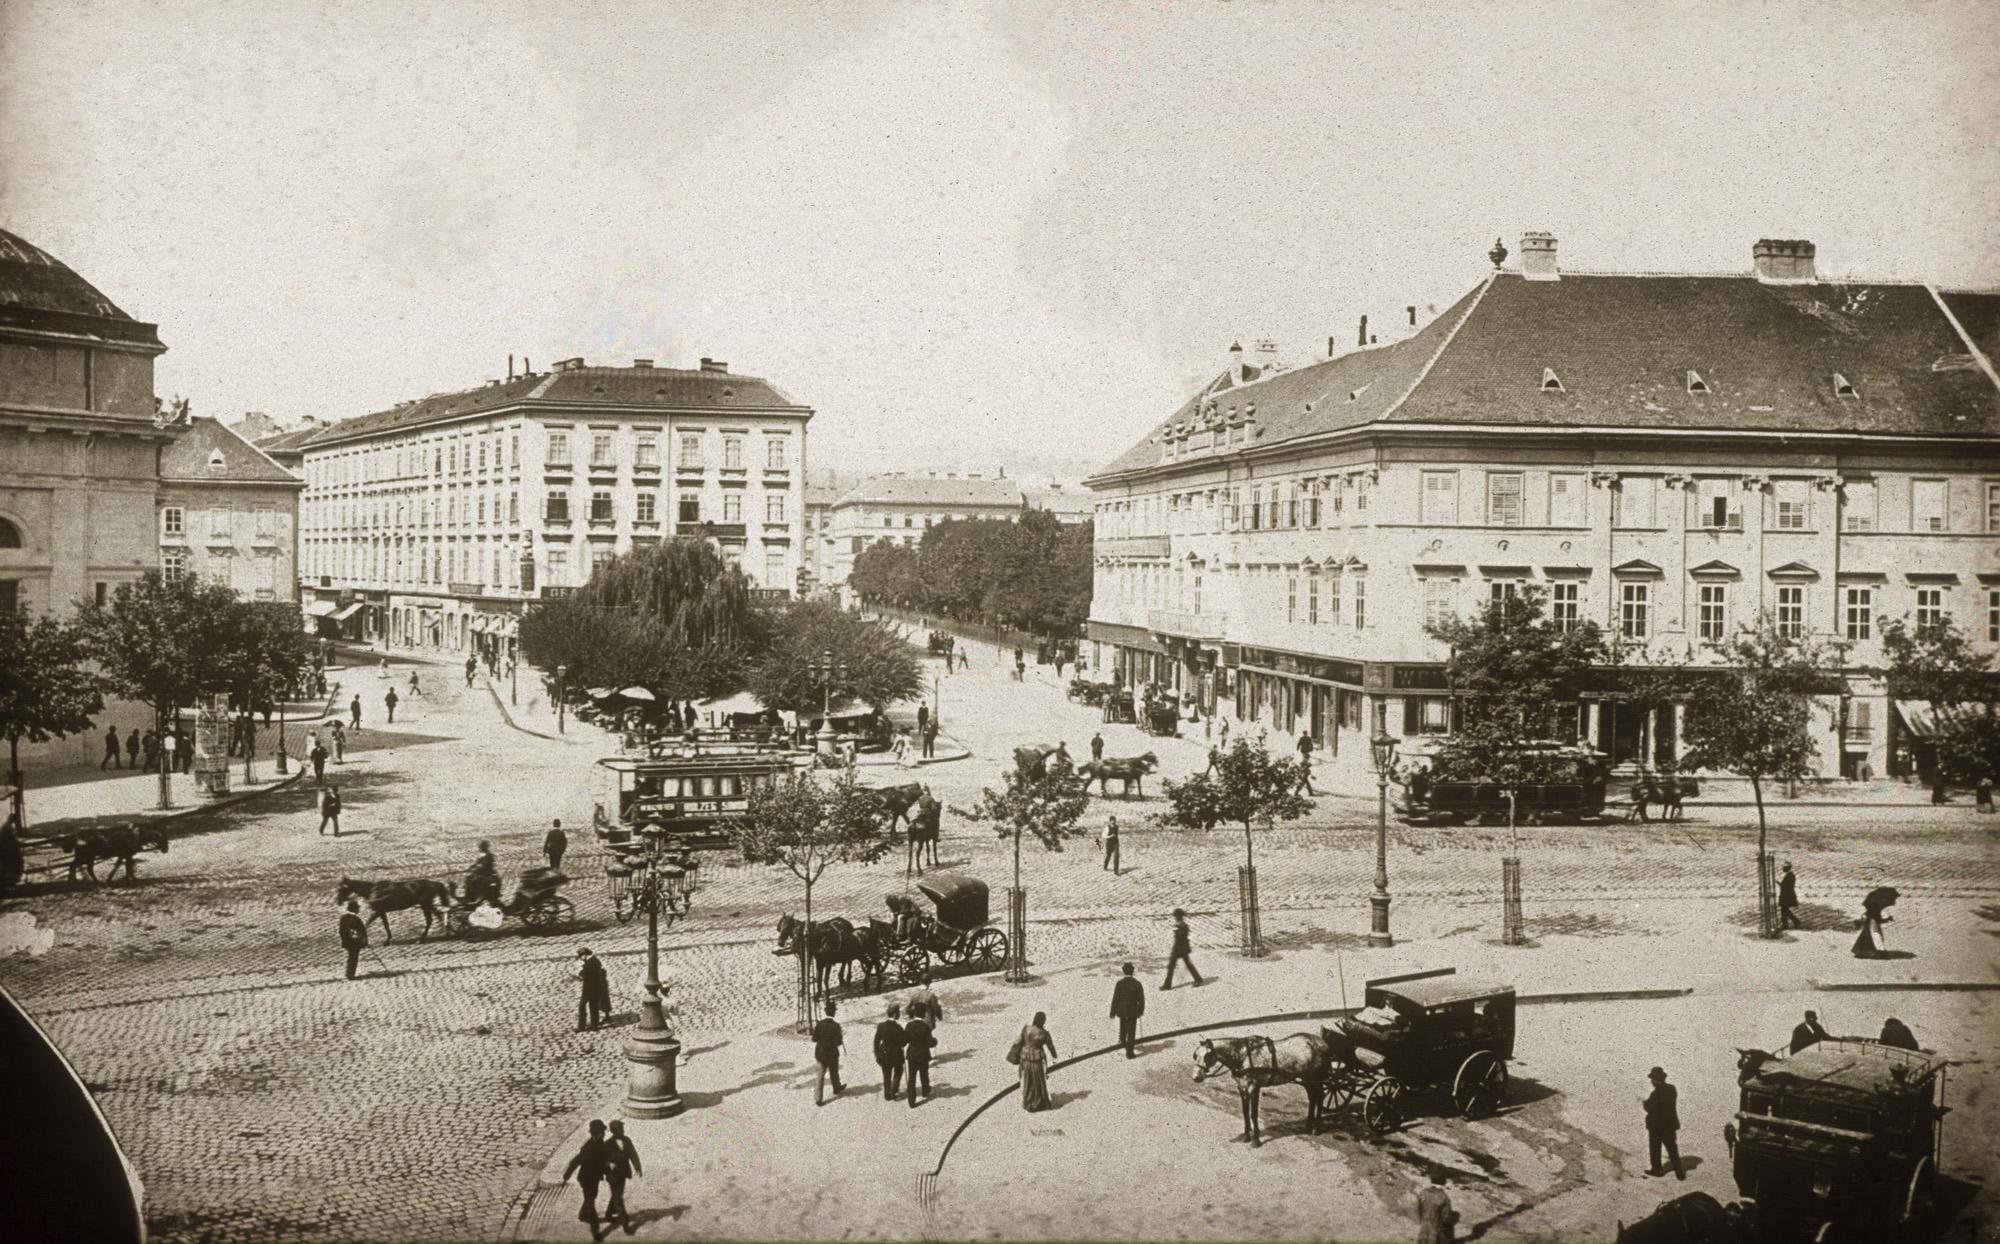 Fotó: Klösz György: Deák Ferenc tér. A felvétel 1892-1895 között készült. A kép forrását kérjük így adja meg: Fortepan / Budapest Főváros Levéltára. Levéltári jelzet: HU.BFL.XV.19.d.1.08.040